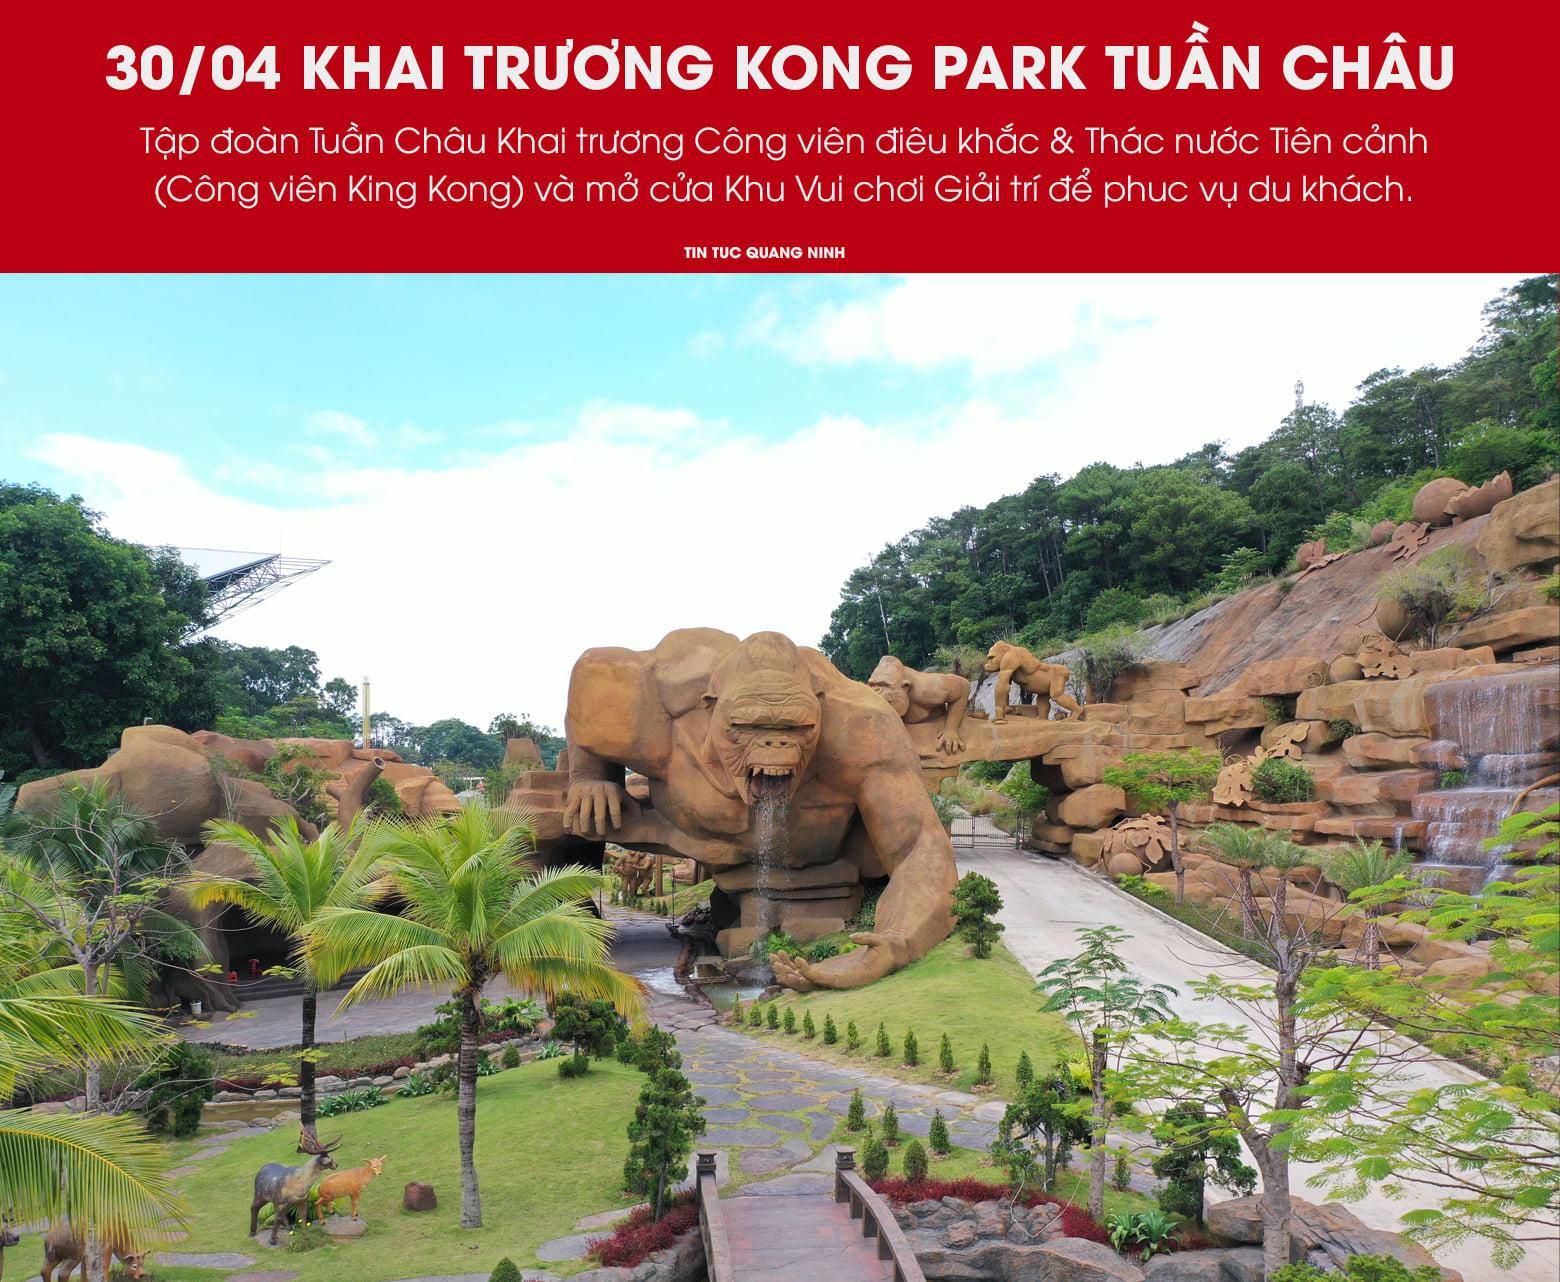 Khai trương công viên Kong Park